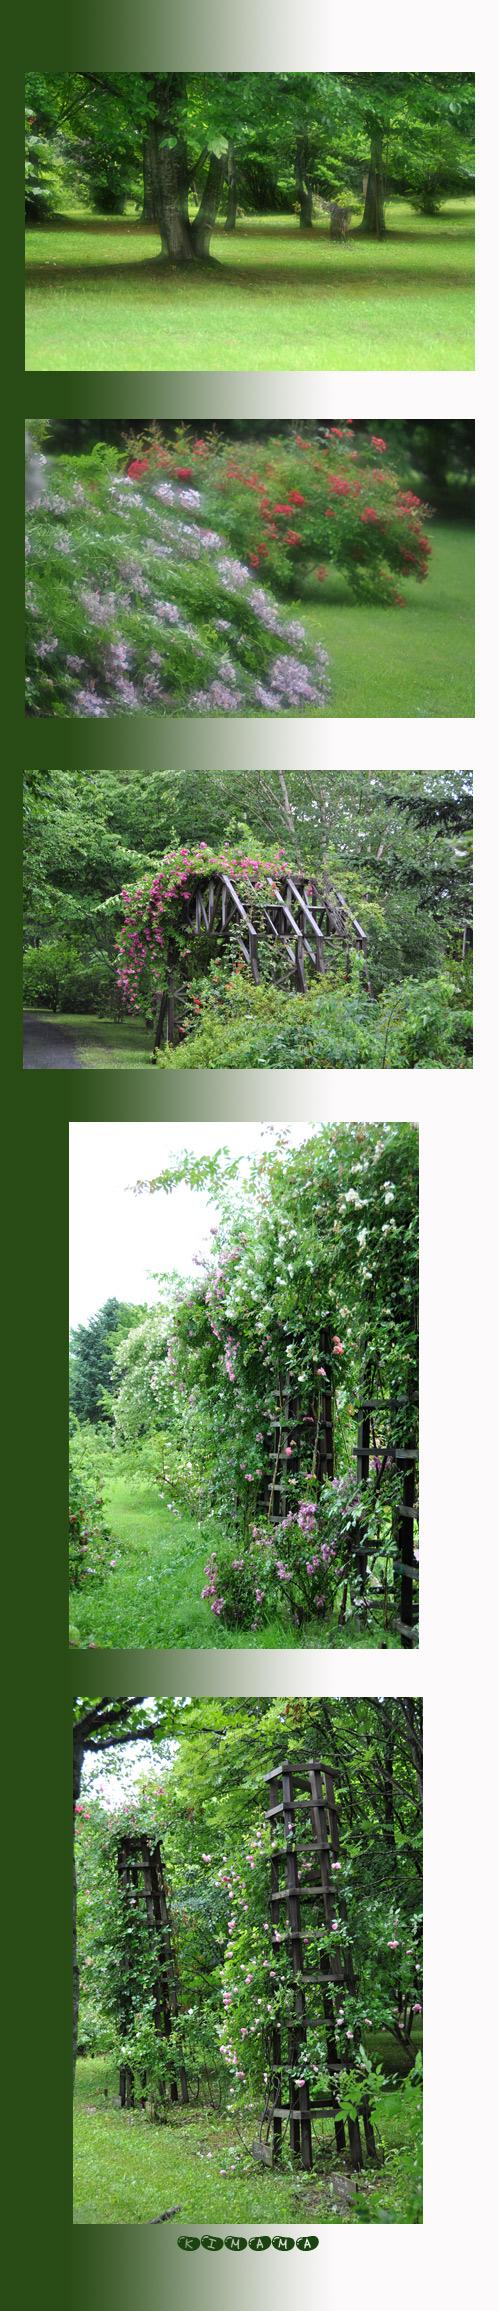 7月11日秘密の花園